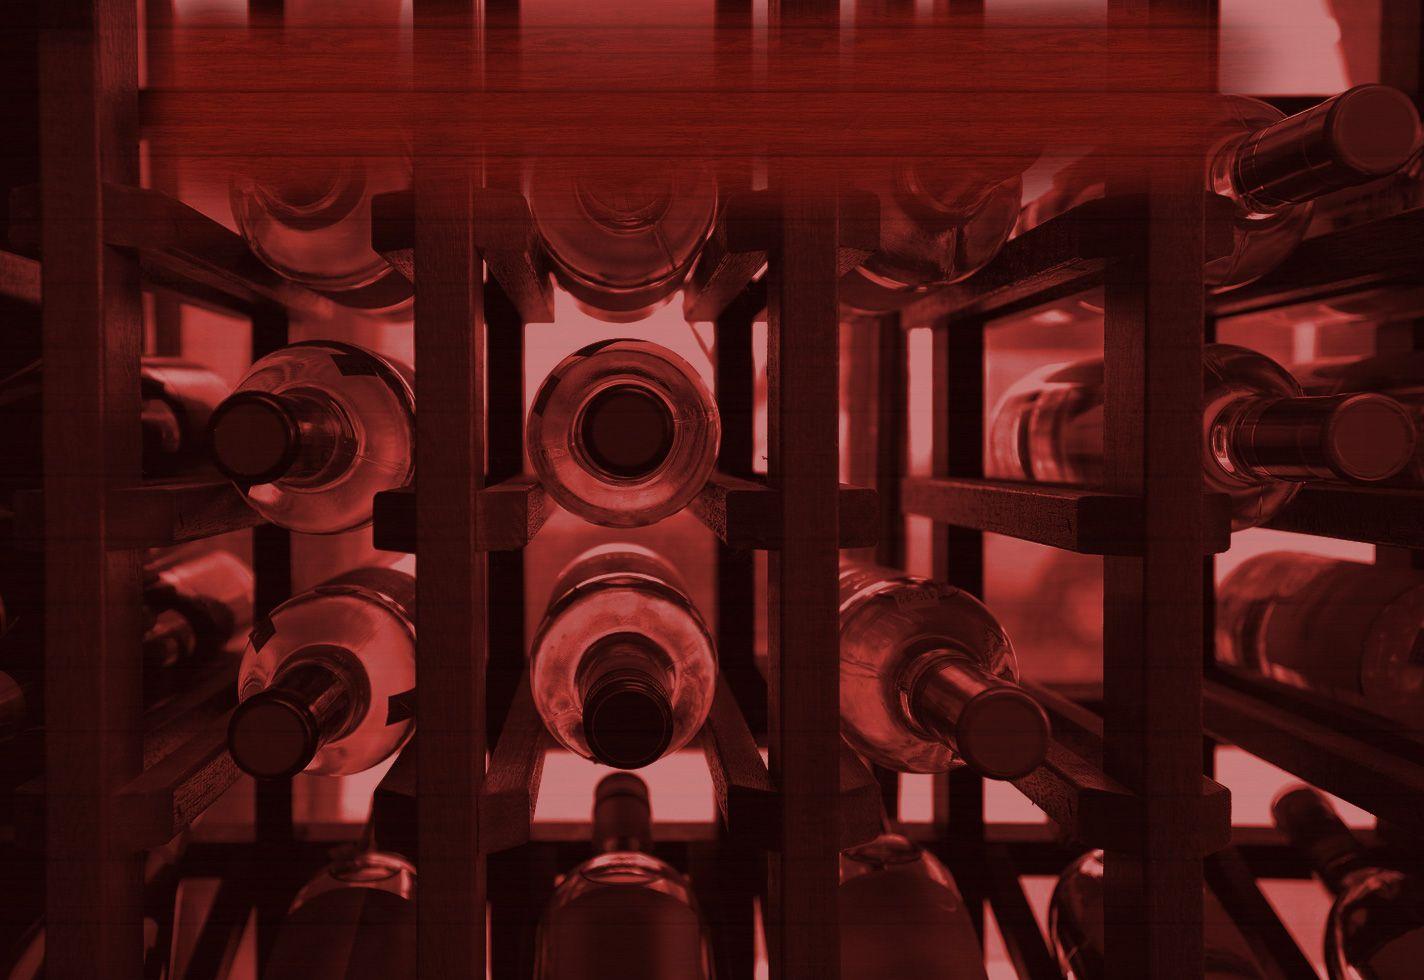 Wine Binny S Beverage Depot Wine Bourbon Barrel Beverages